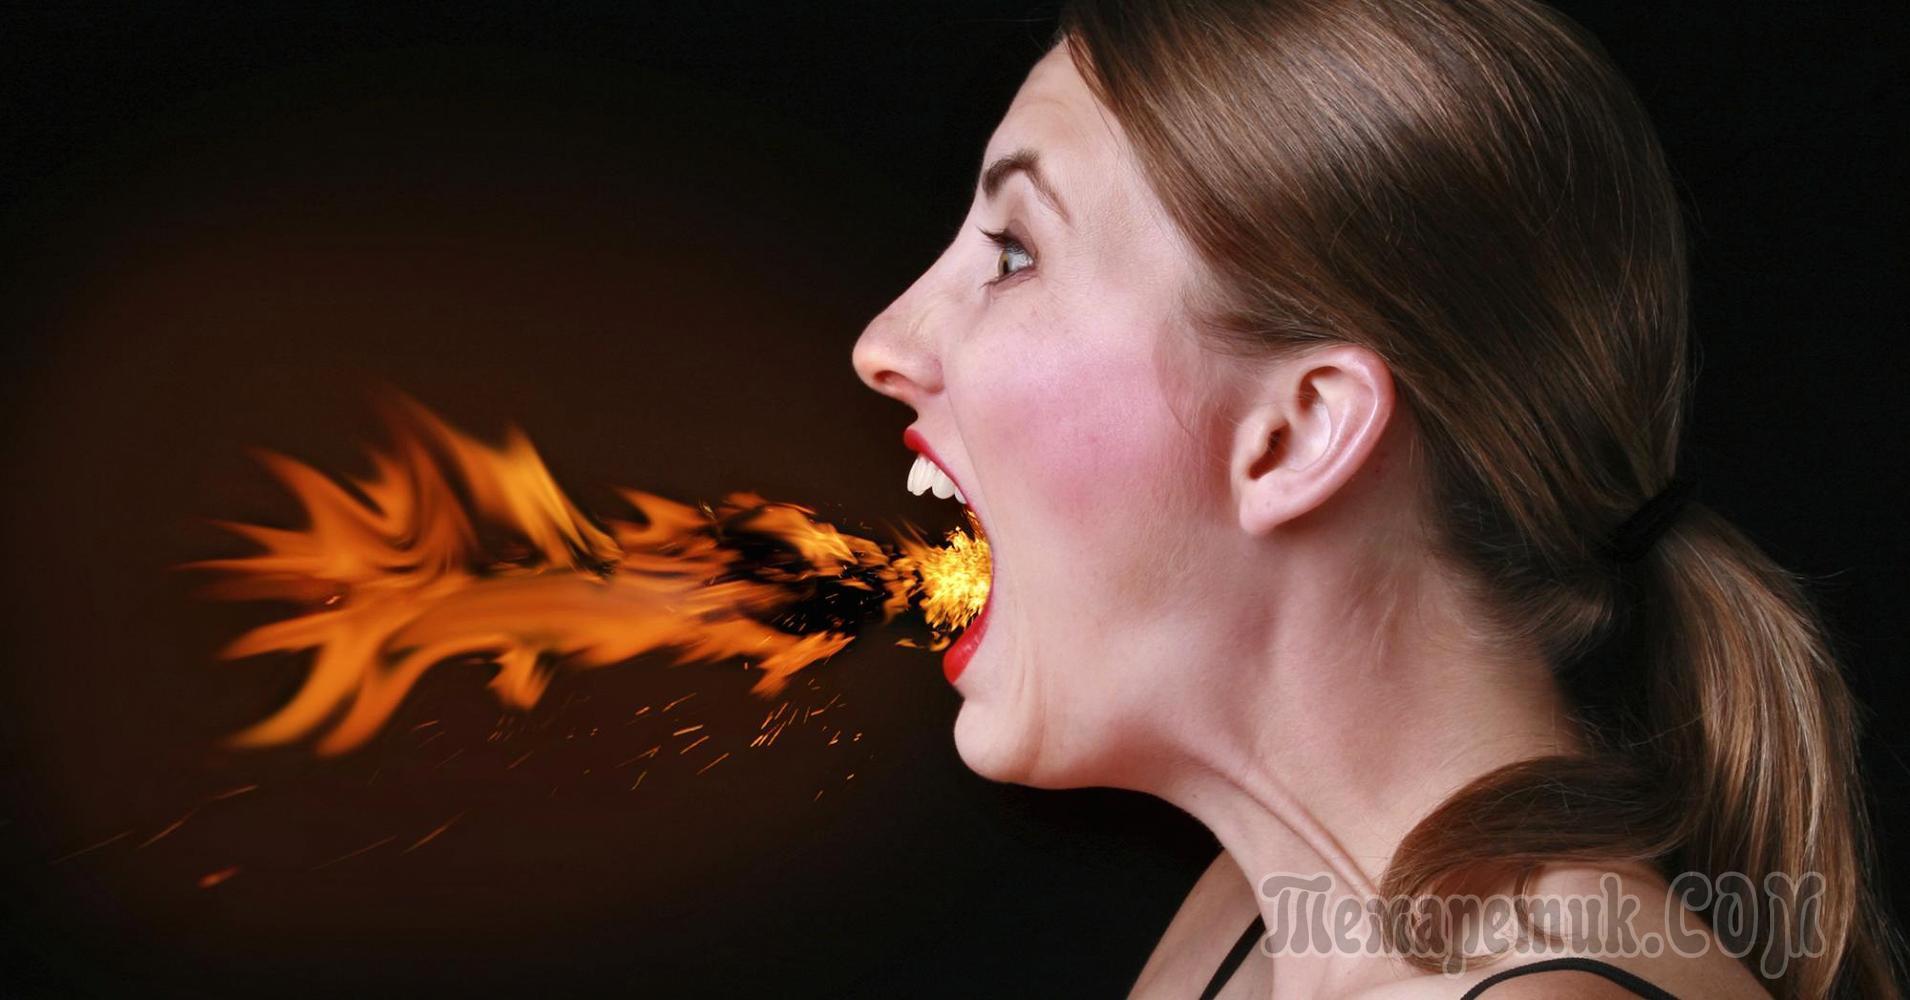 Горечь во рту после еды: причины и лечение. Почему появляется горечь во рту после еды при беременности